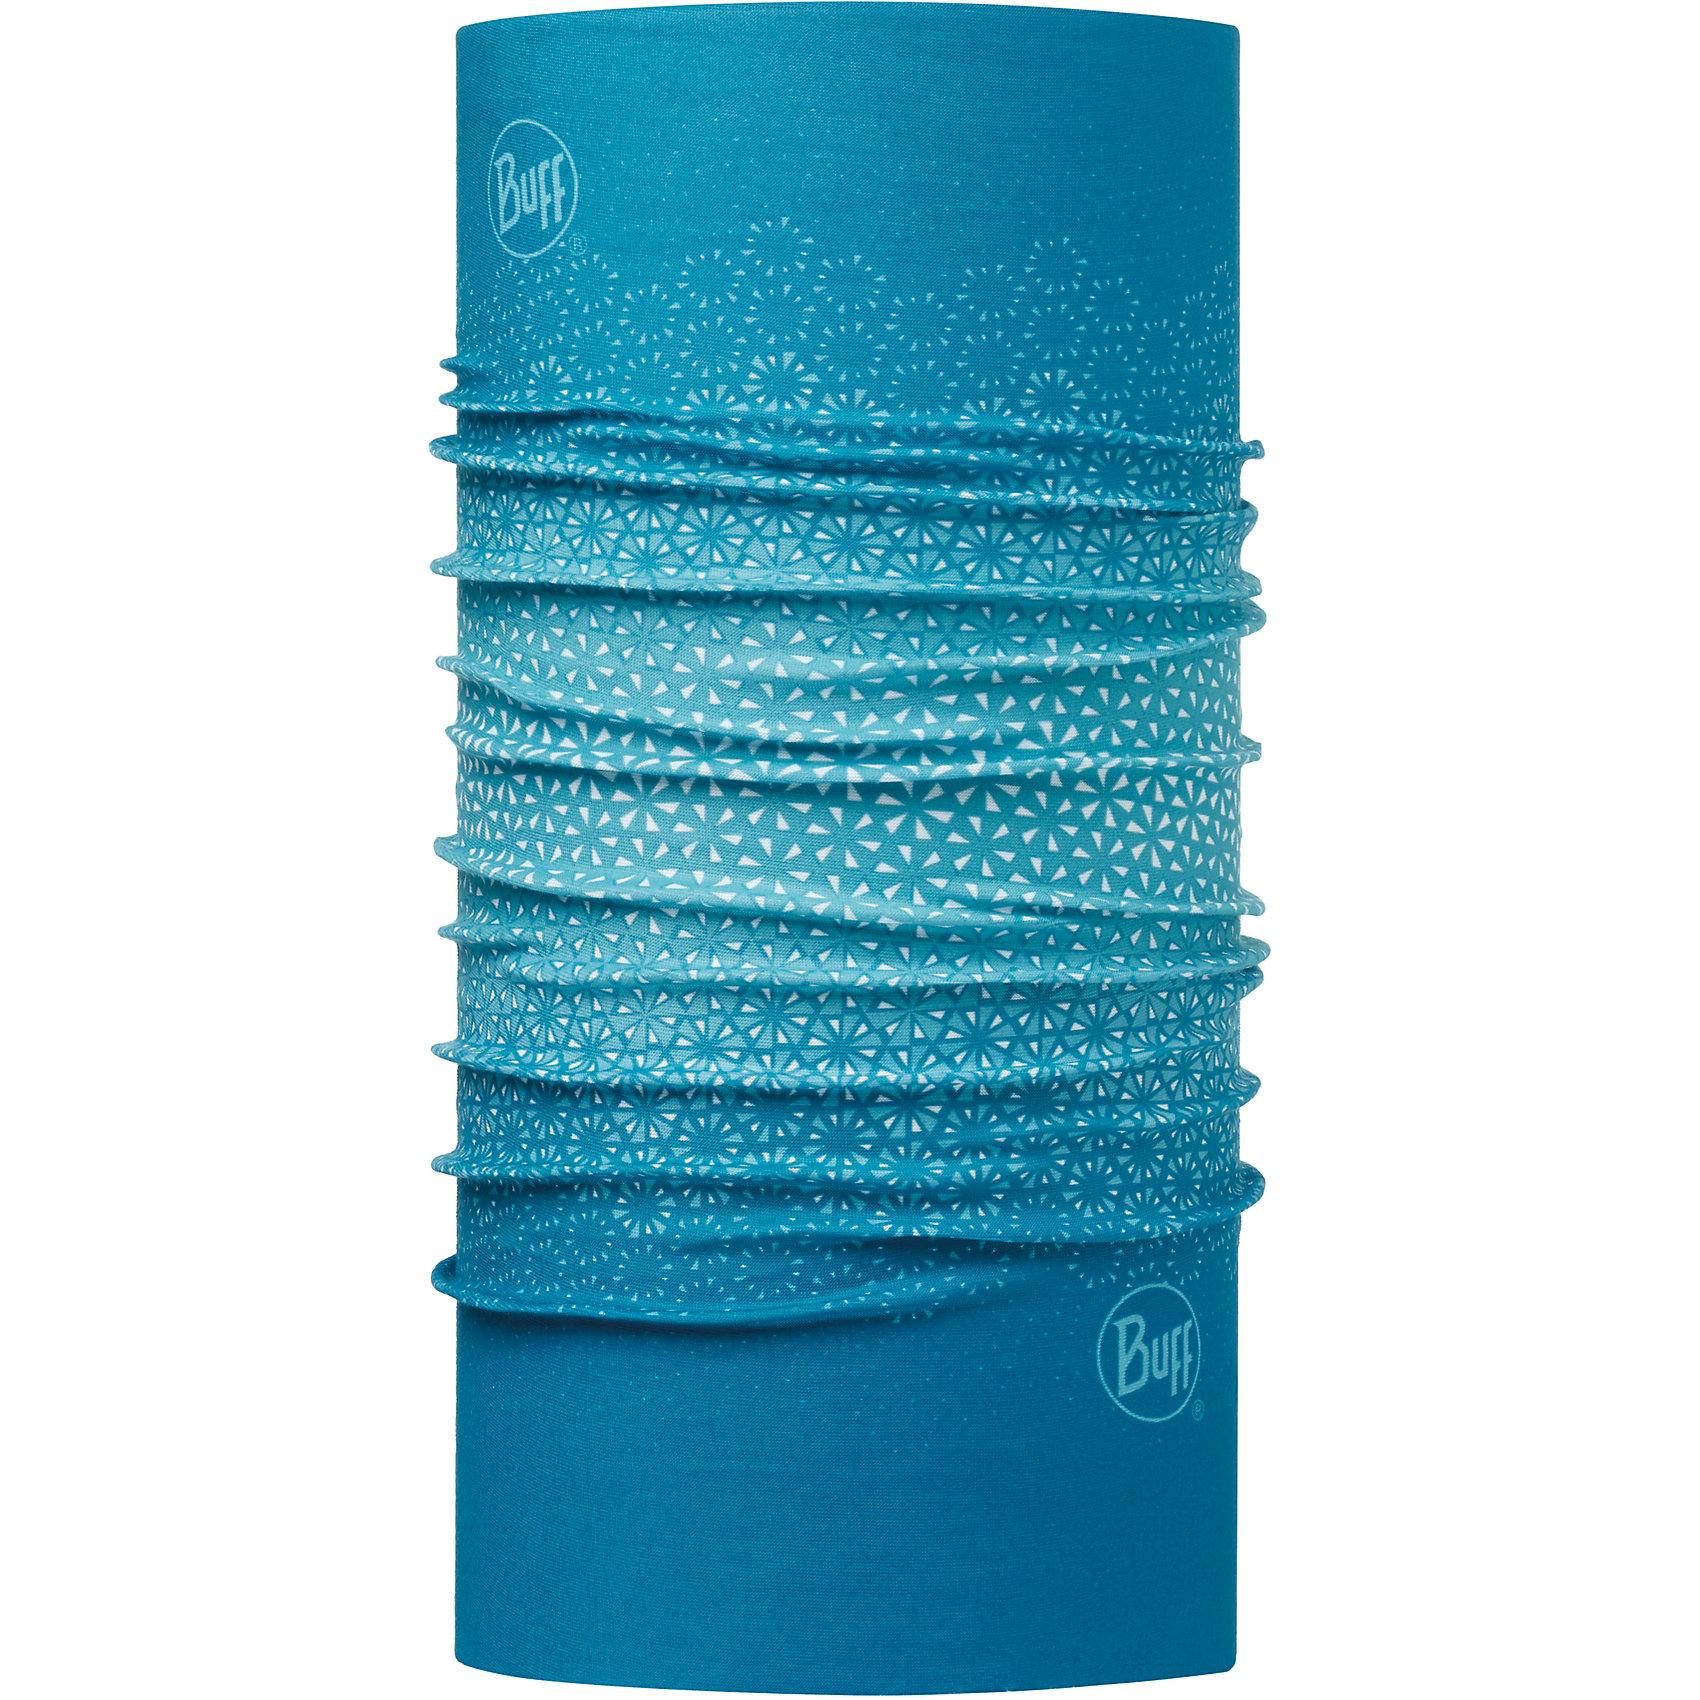 Бандана BUFFГоловные уборы<br>Бандана BUFF <br>Бесшовная бандана-труба из специальной серии Original BUFF. Original BUFF - самый популярный универсальный головной убор из всех серий. <br><br>Сделан из микрофибры - защищает от ветра, пыли, влаги и ультрафиолета. Контролирует микроклимат в холодную и теплую погоду, отводит влагу. Ткань обработана ионами серебра, обеспечивающими длительный антибактериальный эффект и предотвращающими появление запаха. Допускается машинная и ручная стирка при 30-40градусах. Материал не теряет цвет и эластичность, не требует глажки. <br><br>Original BUFF можно носить на шее и на голове, как шейный платок, маску, бандану, шапку и подшлемник. <br><br>Свойства материала позволяют использовать бандану Original BUFF в любое время года, при занятиях любым видом спорта, активного отдыха, туризма или рыбалки.<br>Состав:<br>Полиэстер 100%<br><br>Ширина мм: 89<br>Глубина мм: 117<br>Высота мм: 44<br>Вес г: 155<br>Цвет: синий<br>Возраст от месяцев: 84<br>Возраст до месяцев: 1188<br>Пол: Унисекс<br>Возраст: Детский<br>Размер: one size<br>SKU: 5568567